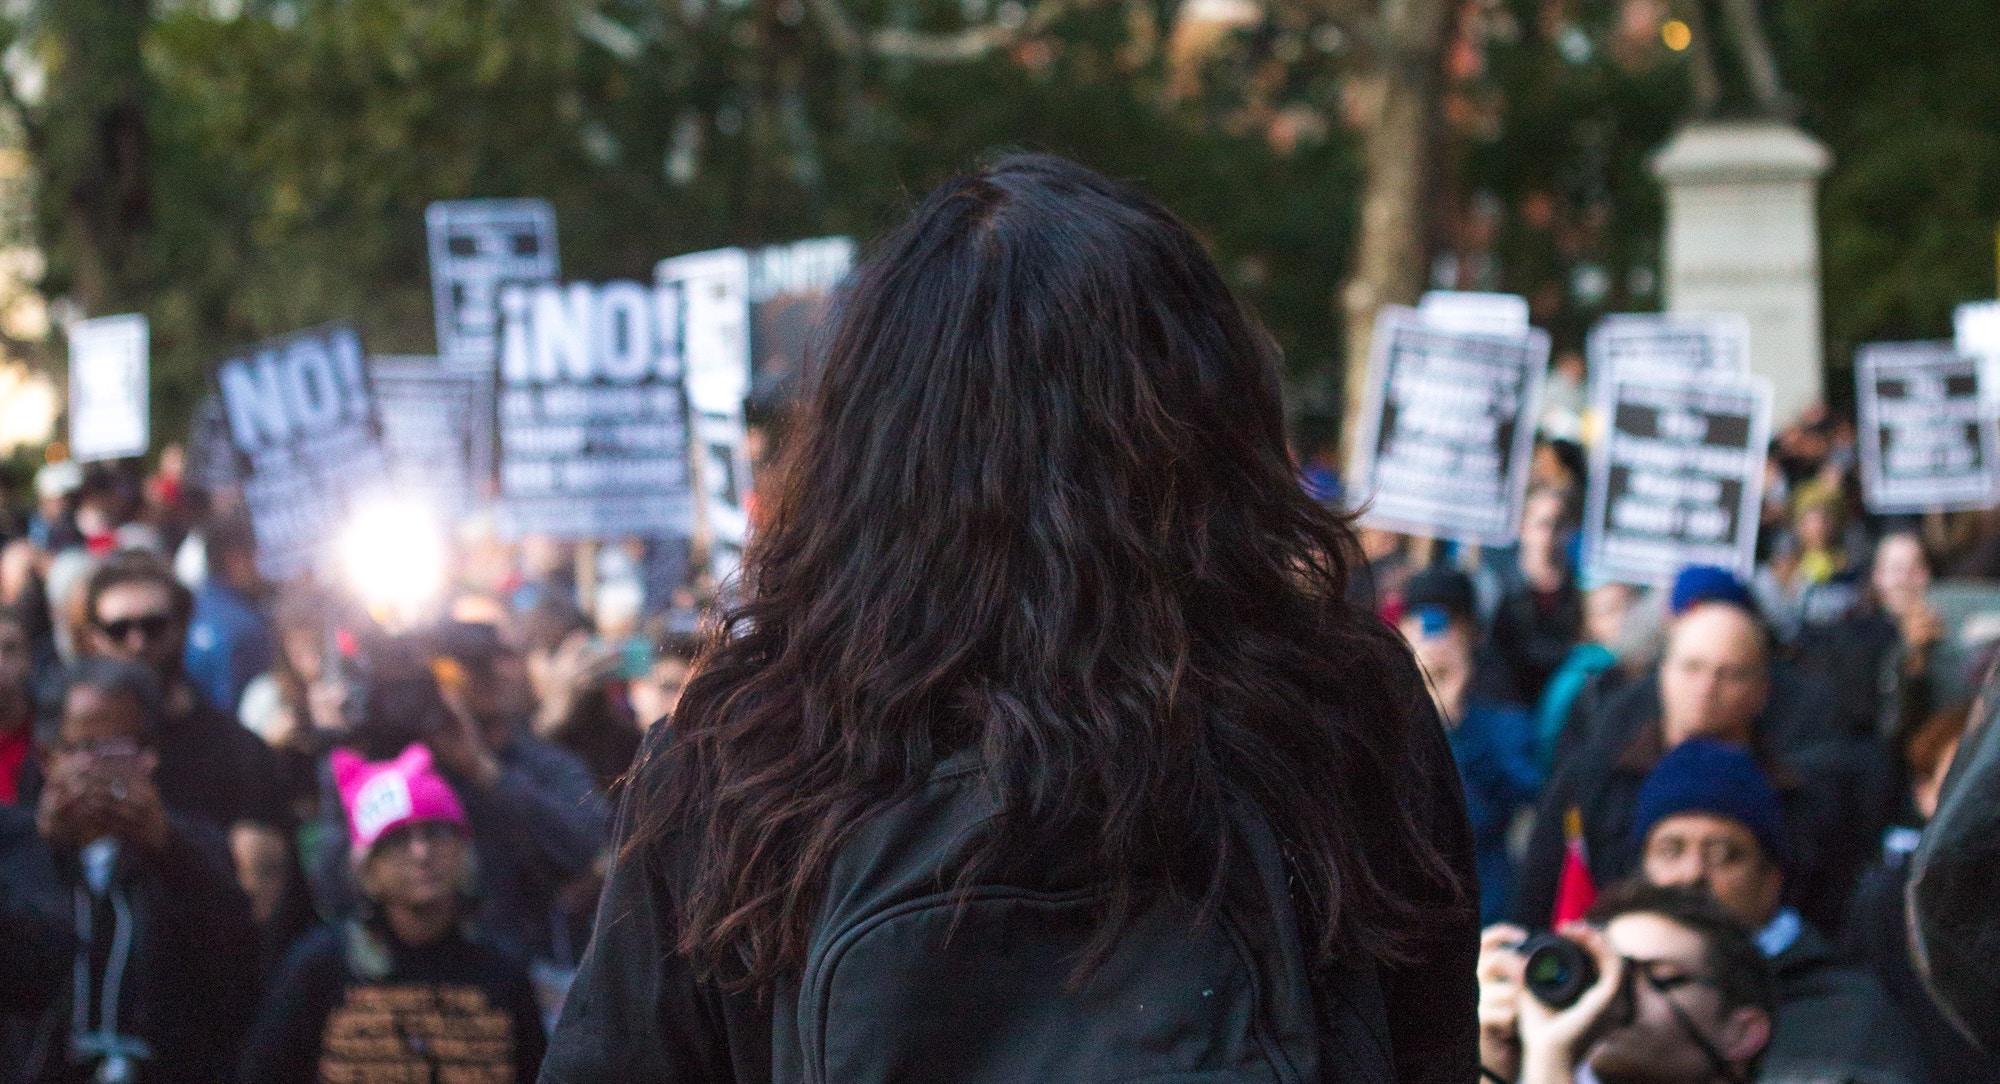 Comment bâtir un mouvement autour de votre cause